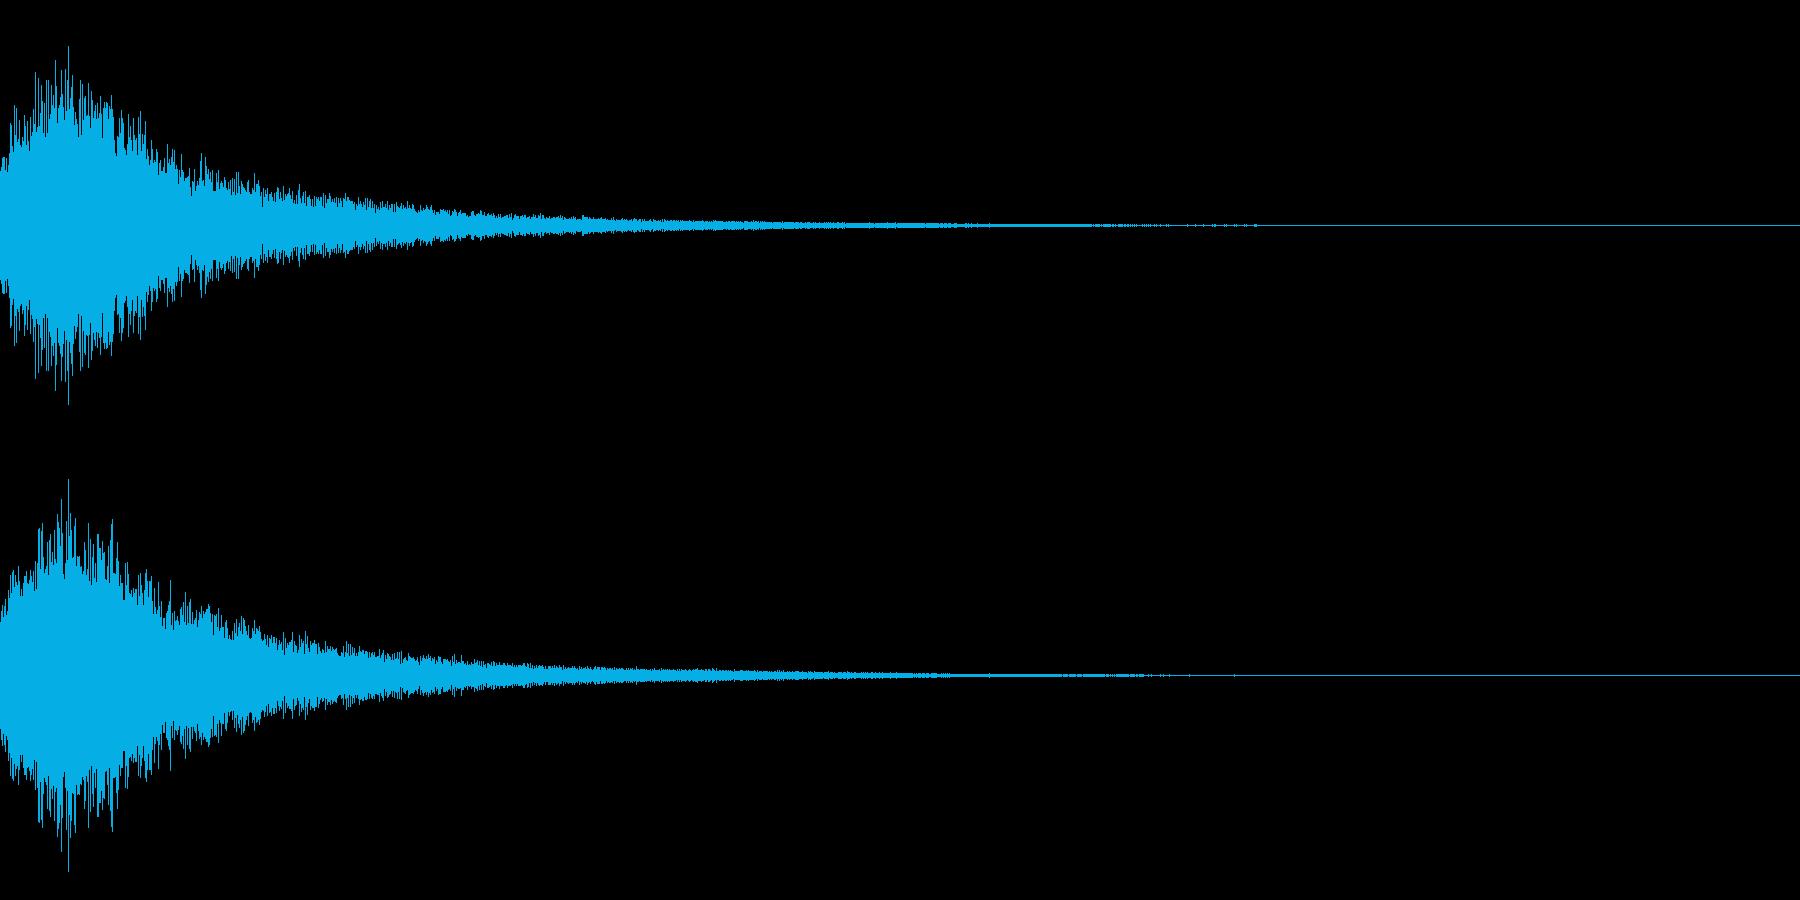 魔法シャキン(輝き,魔法ステッキ)33bの再生済みの波形